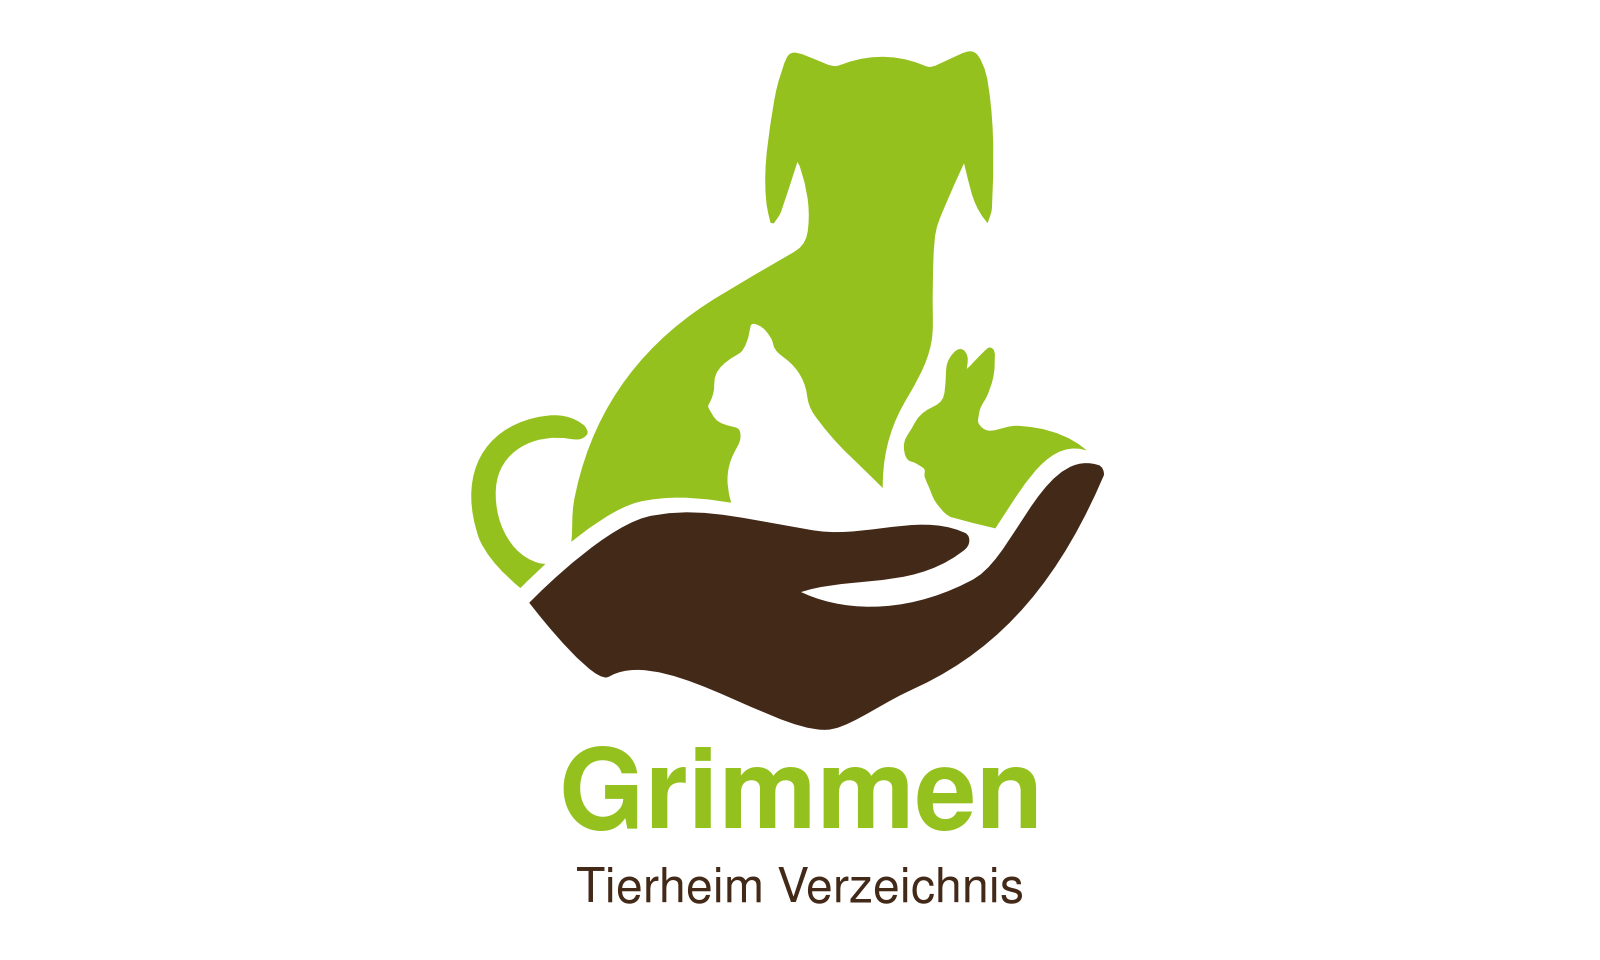 Tierheim Grimmen